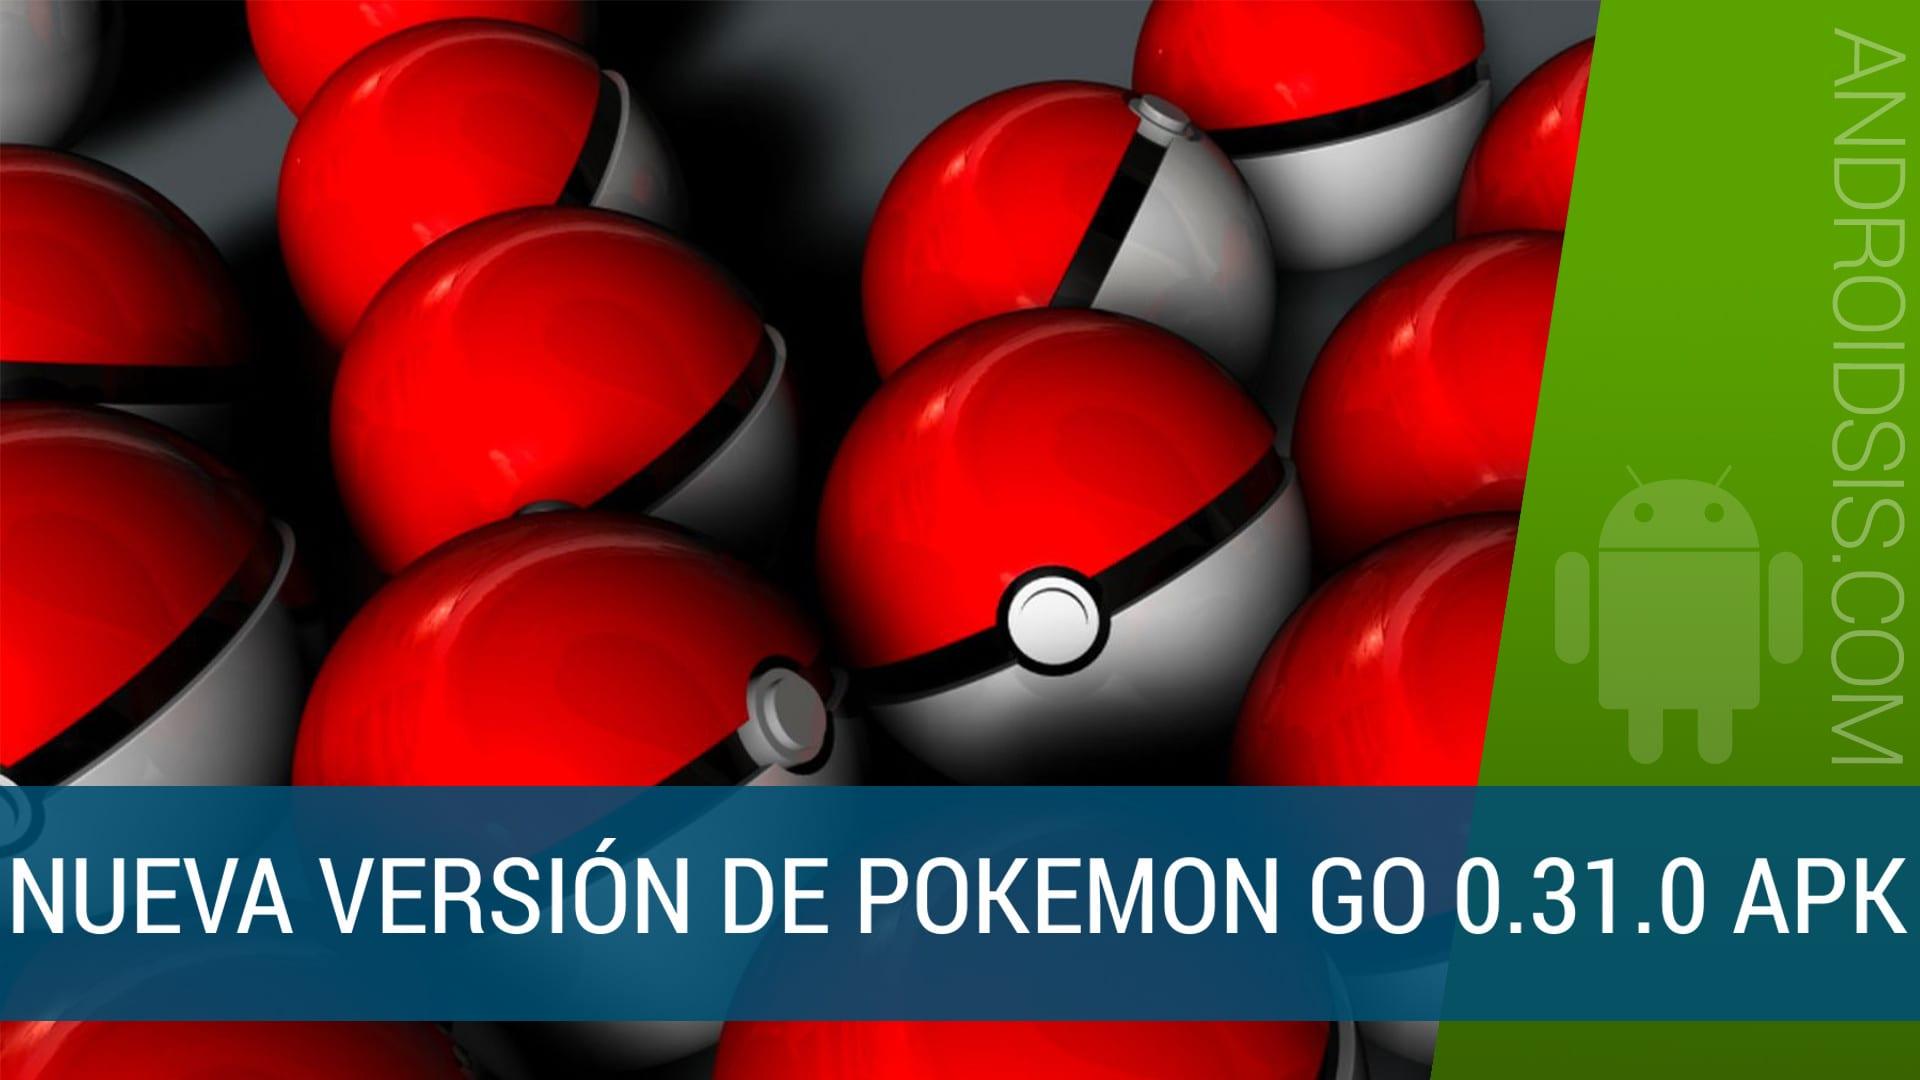 Nueva versión de Pokemon Go 0.31.0